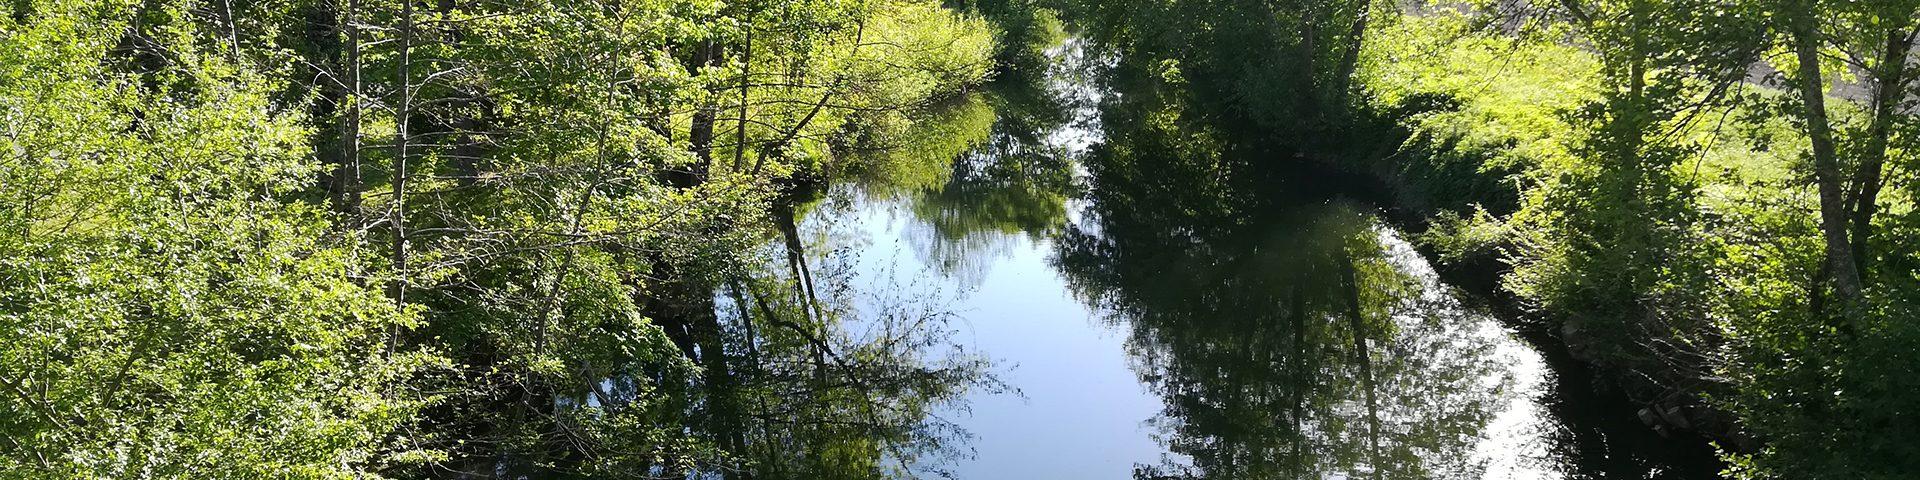 Camping La Dordogne Verte : Nature Riviere